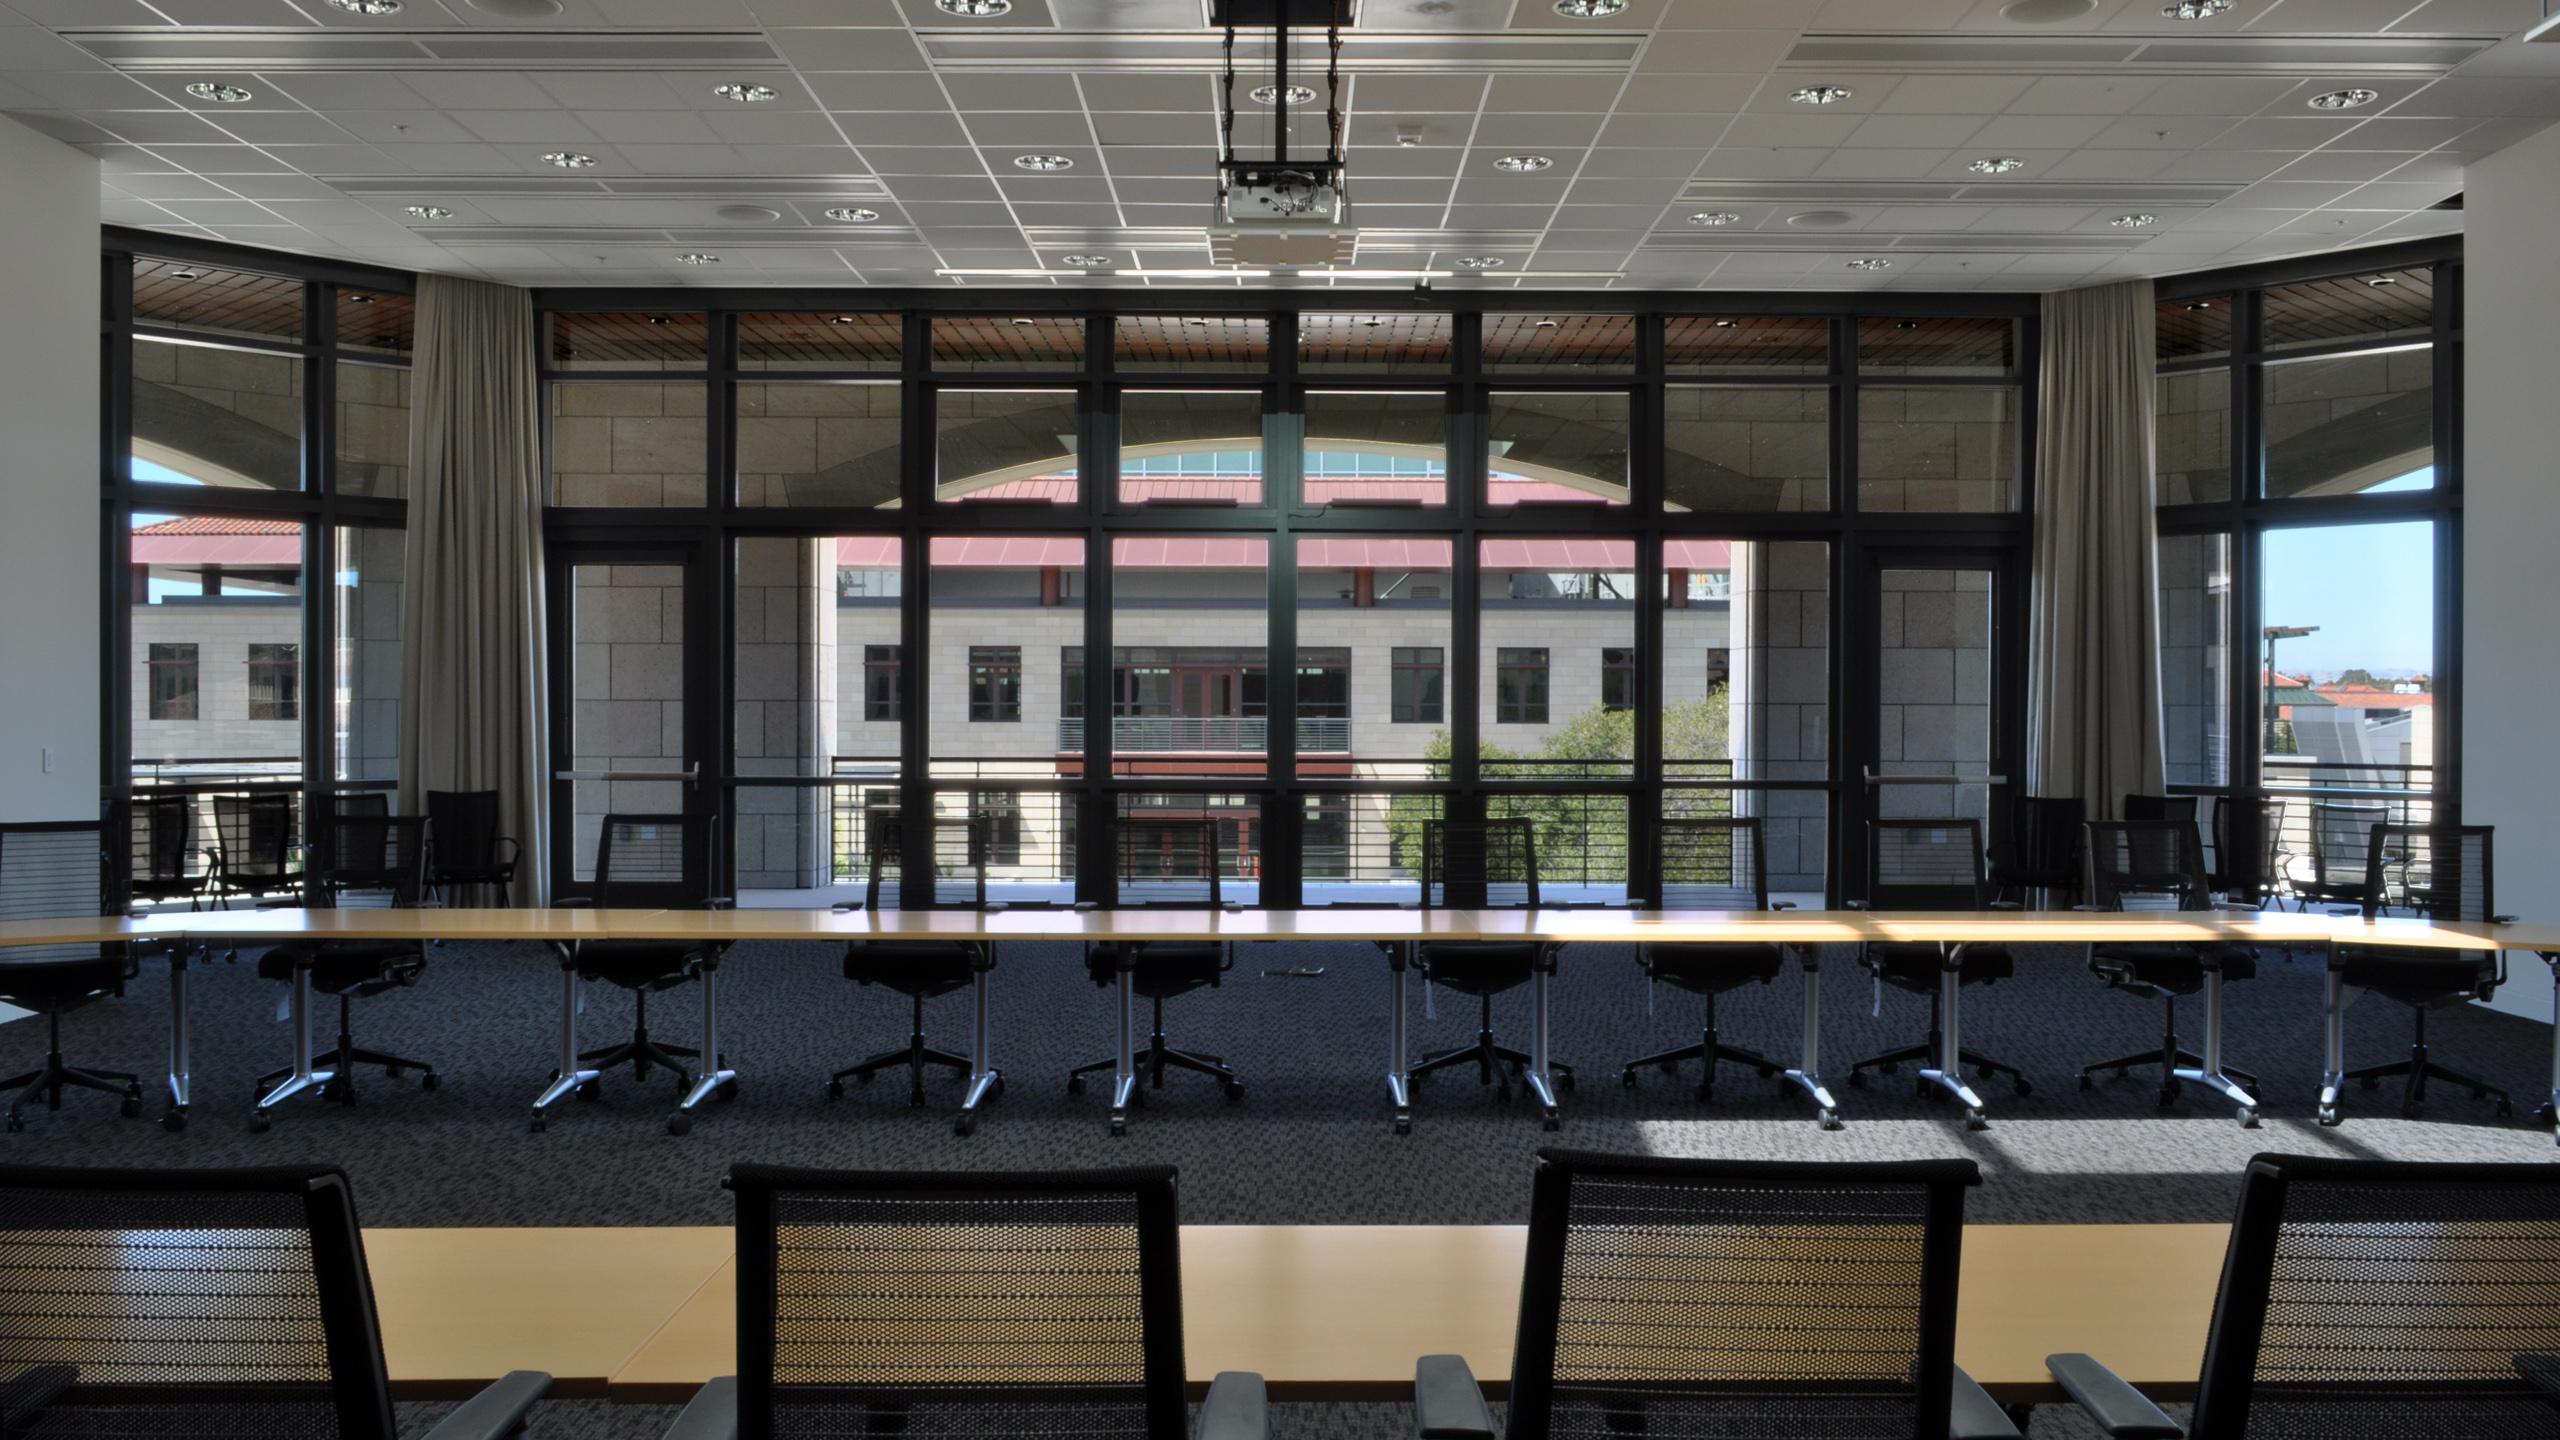 Jen-Hsun Huang Engineering Center at Stanford University / image 17